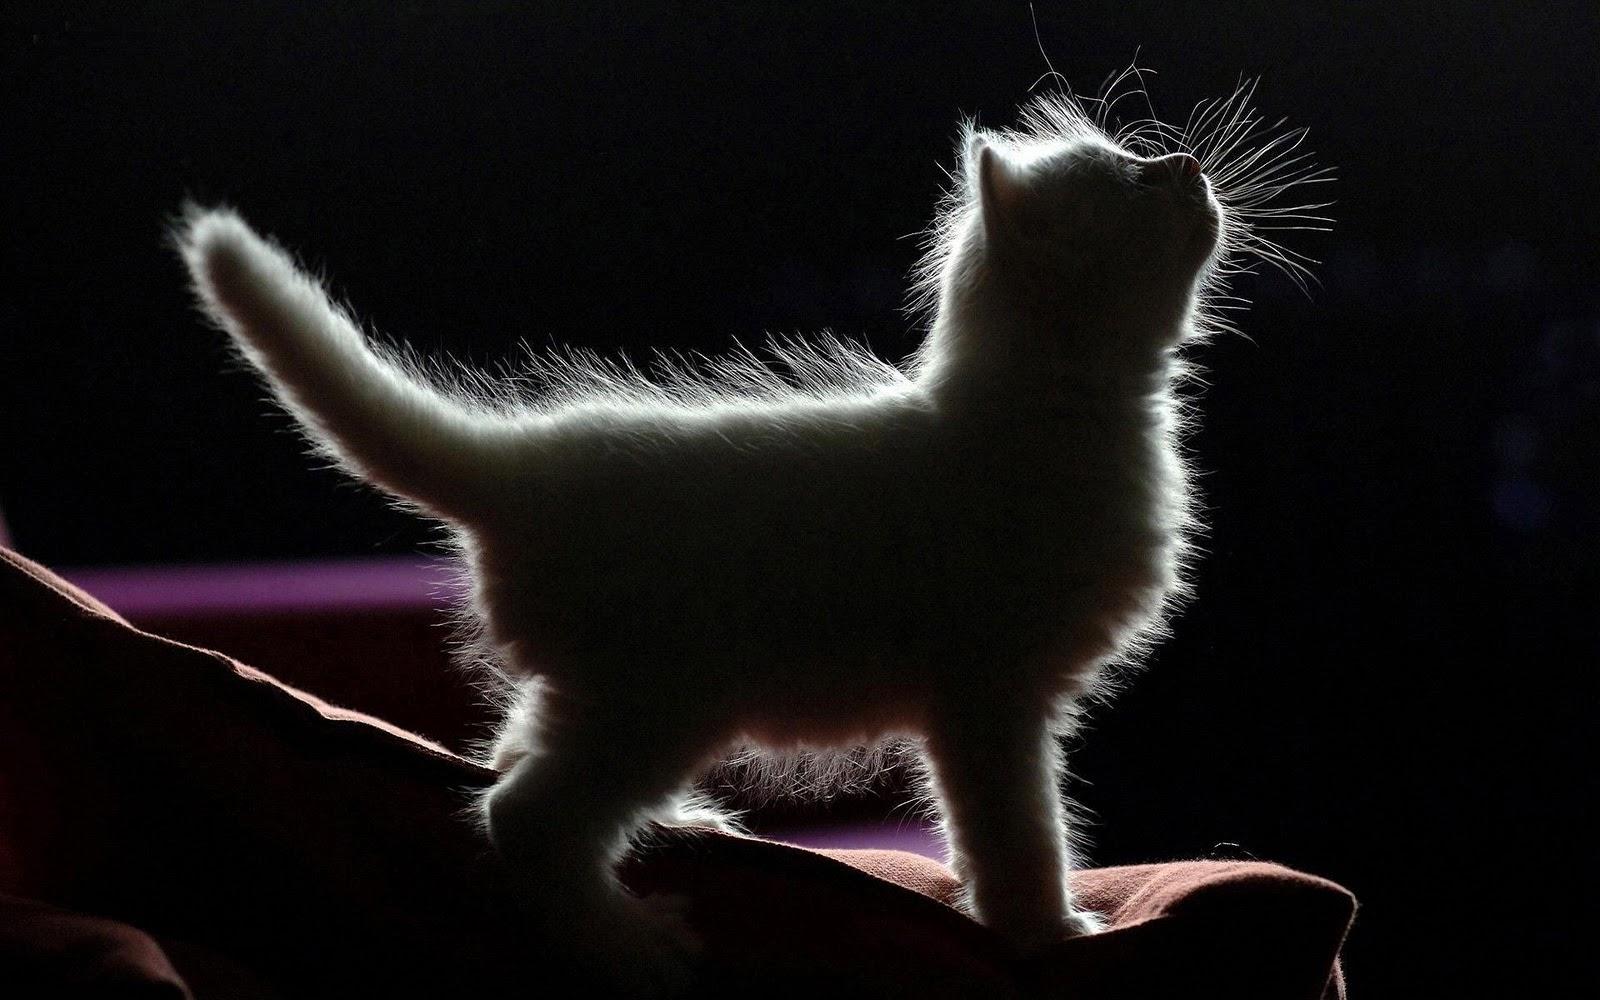 zwart-wit poesje Fotos grote lul in de wereld